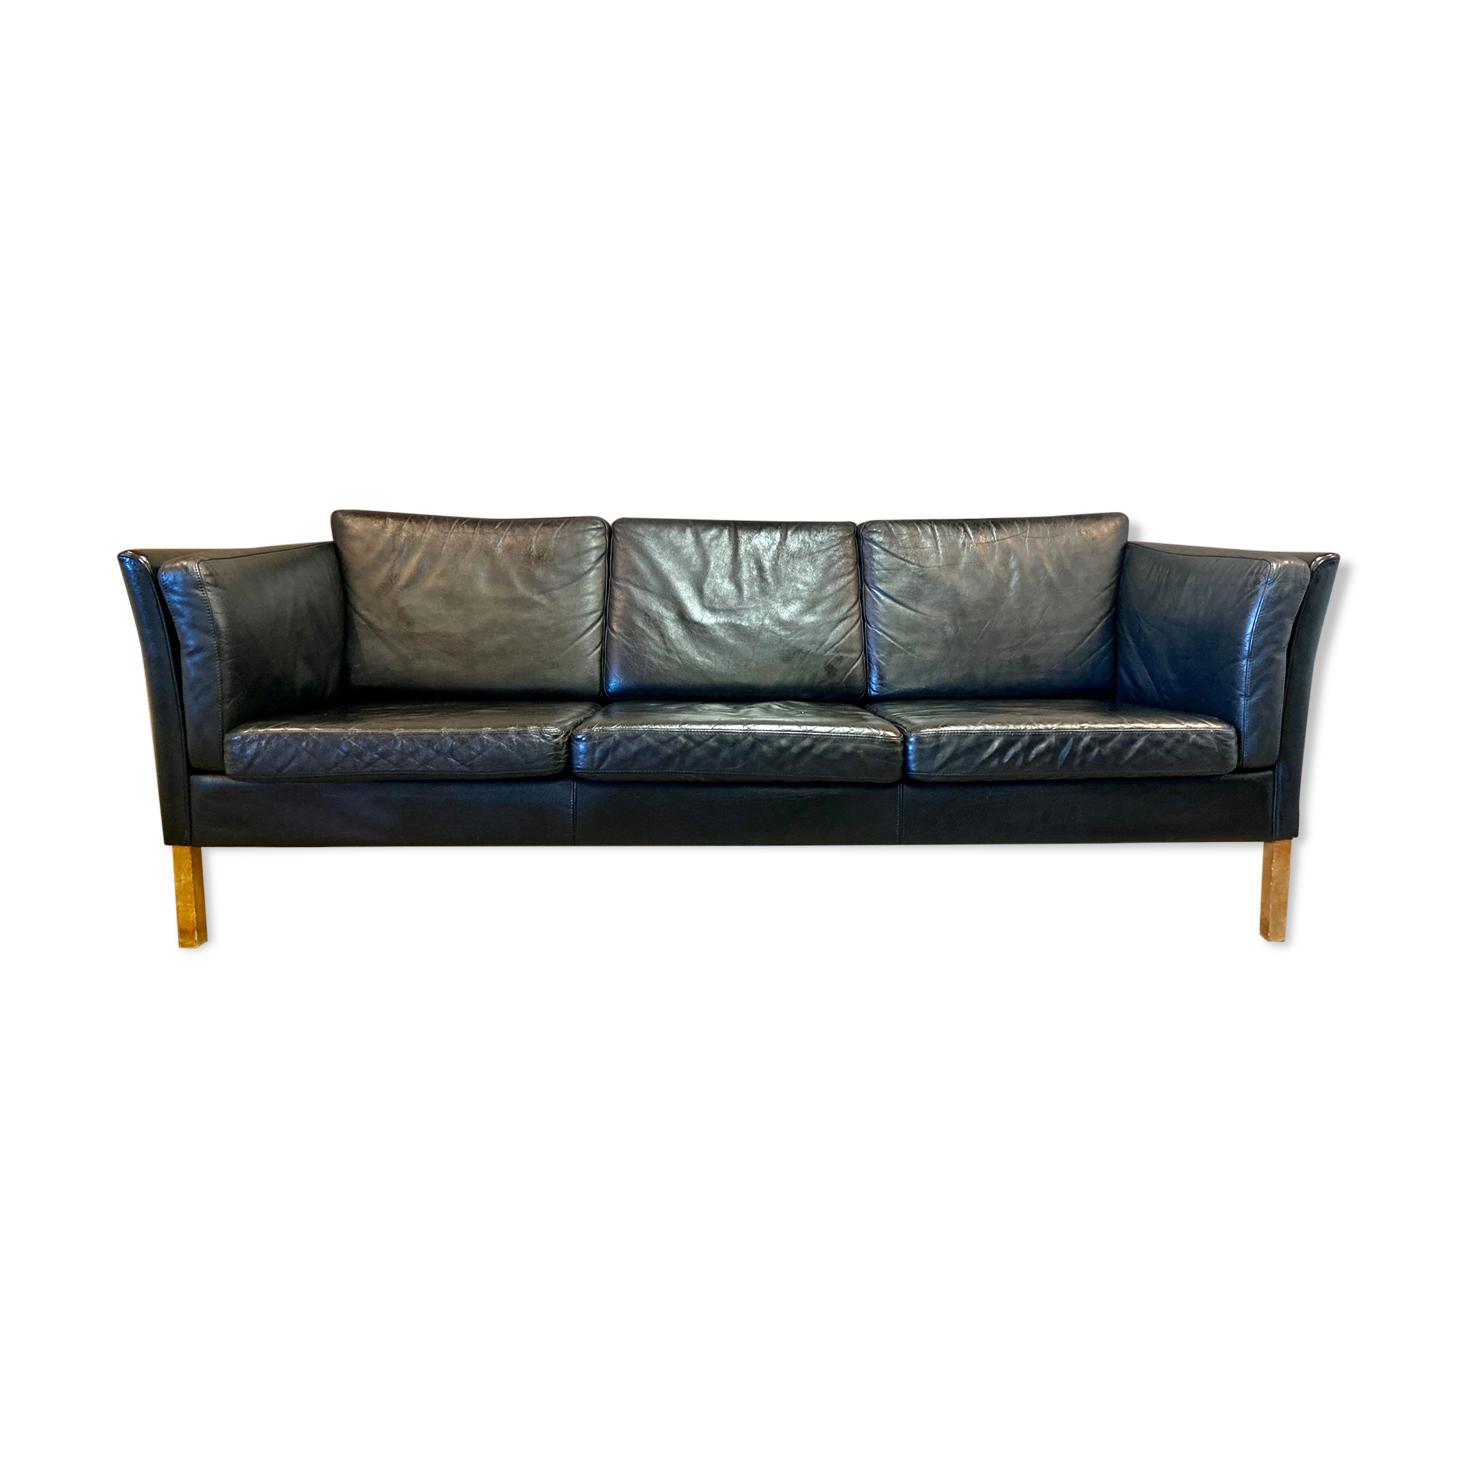 Canapé 3 places cuir noir design scandinave